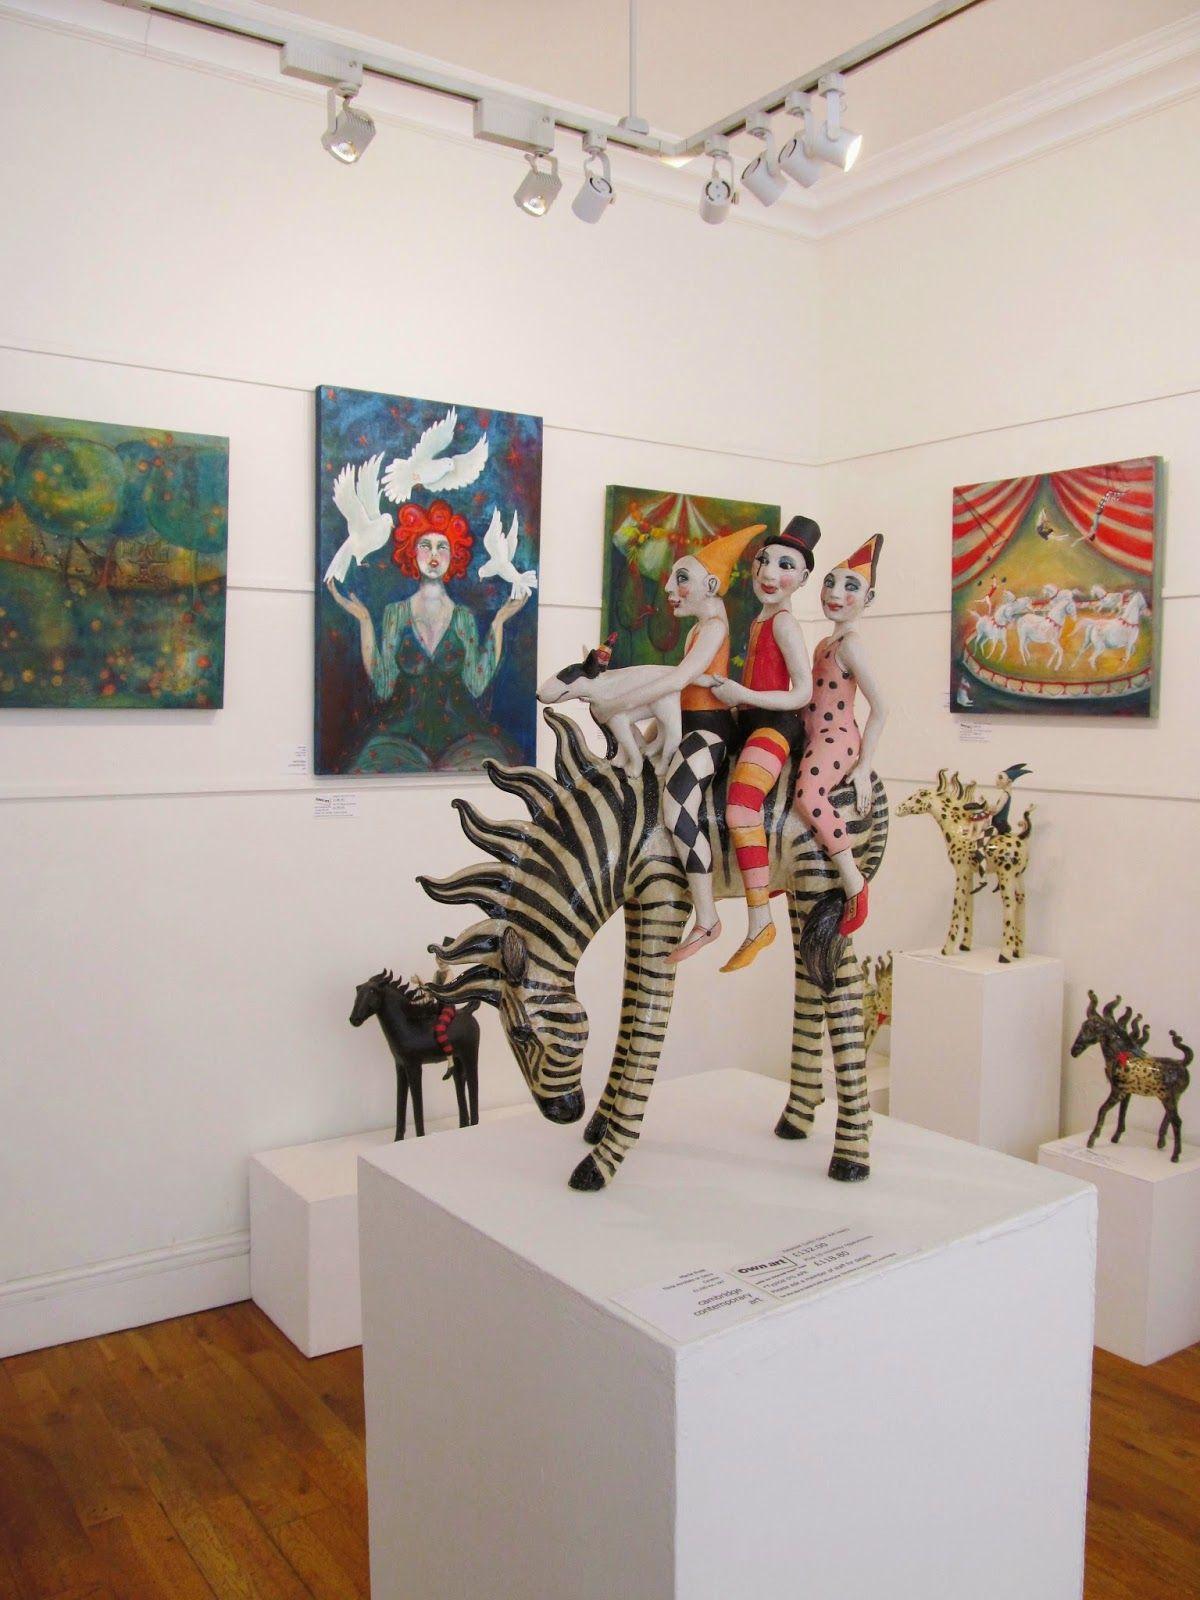 Marie Prett - Solo show at Cambridge Contemporary Art